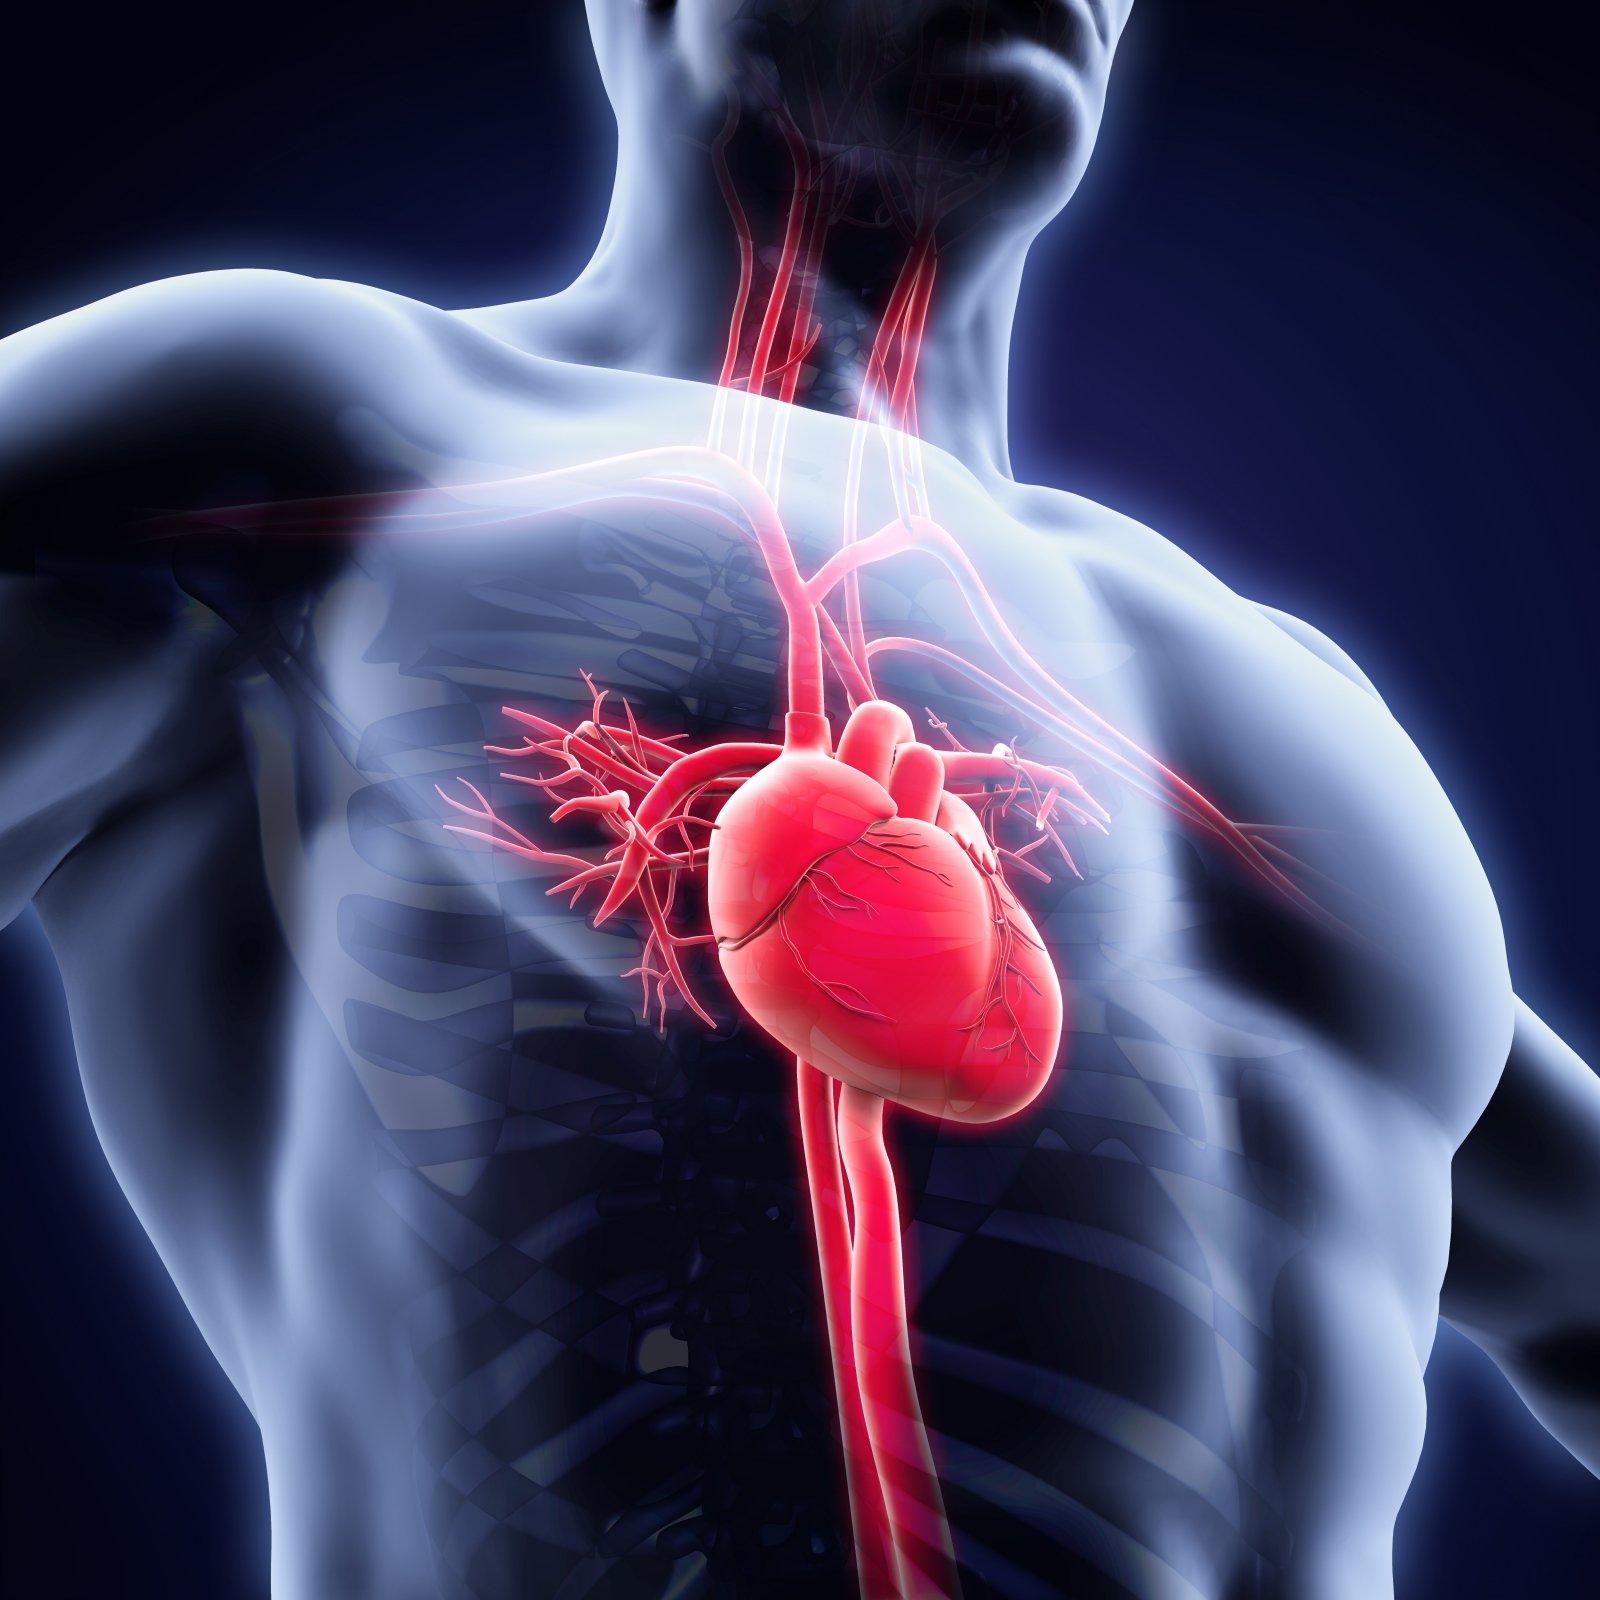 kokia yra mankštos nauda širdies sveikatai vaistai nuo hipertenzijos sergant astma